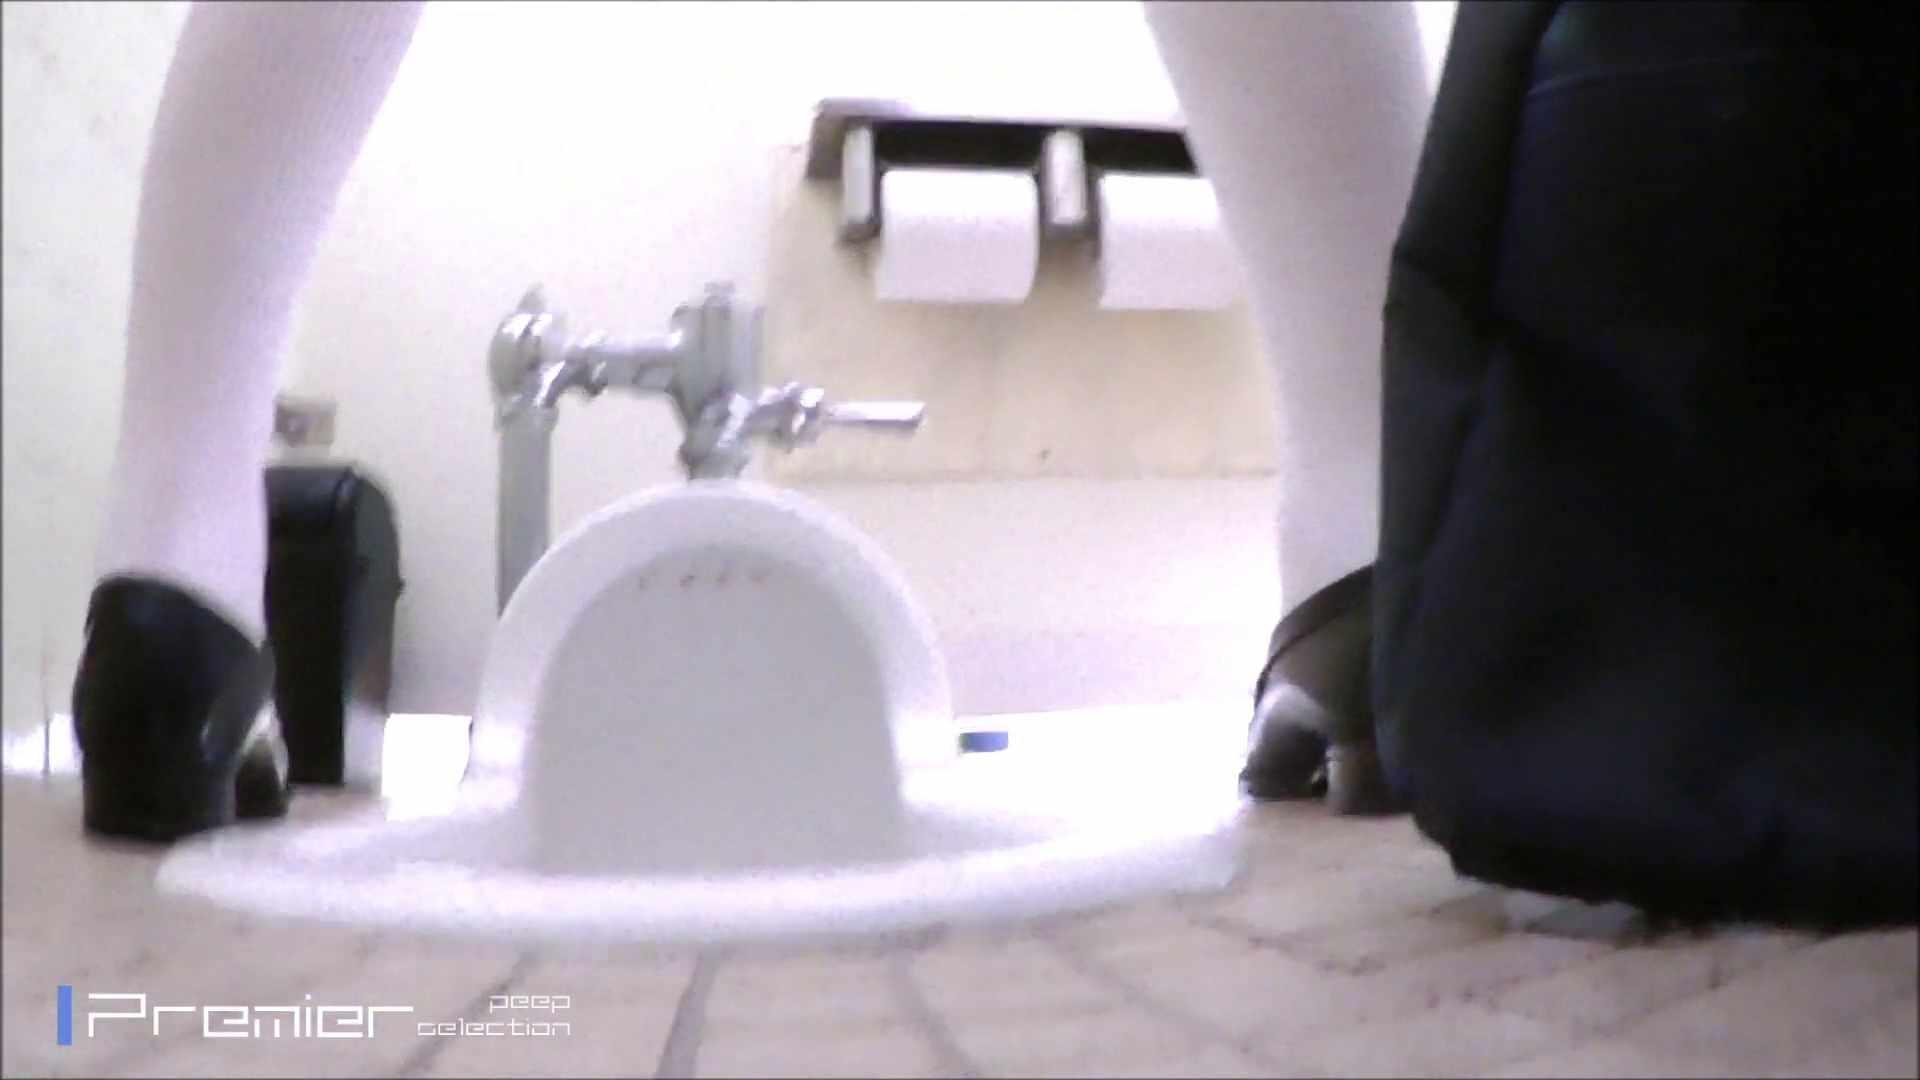 FHD激カワ!激やば! 復讐のトイレ盗撮 Vol.03 トイレ中 | 盗撮エロすぎ  78連発 8